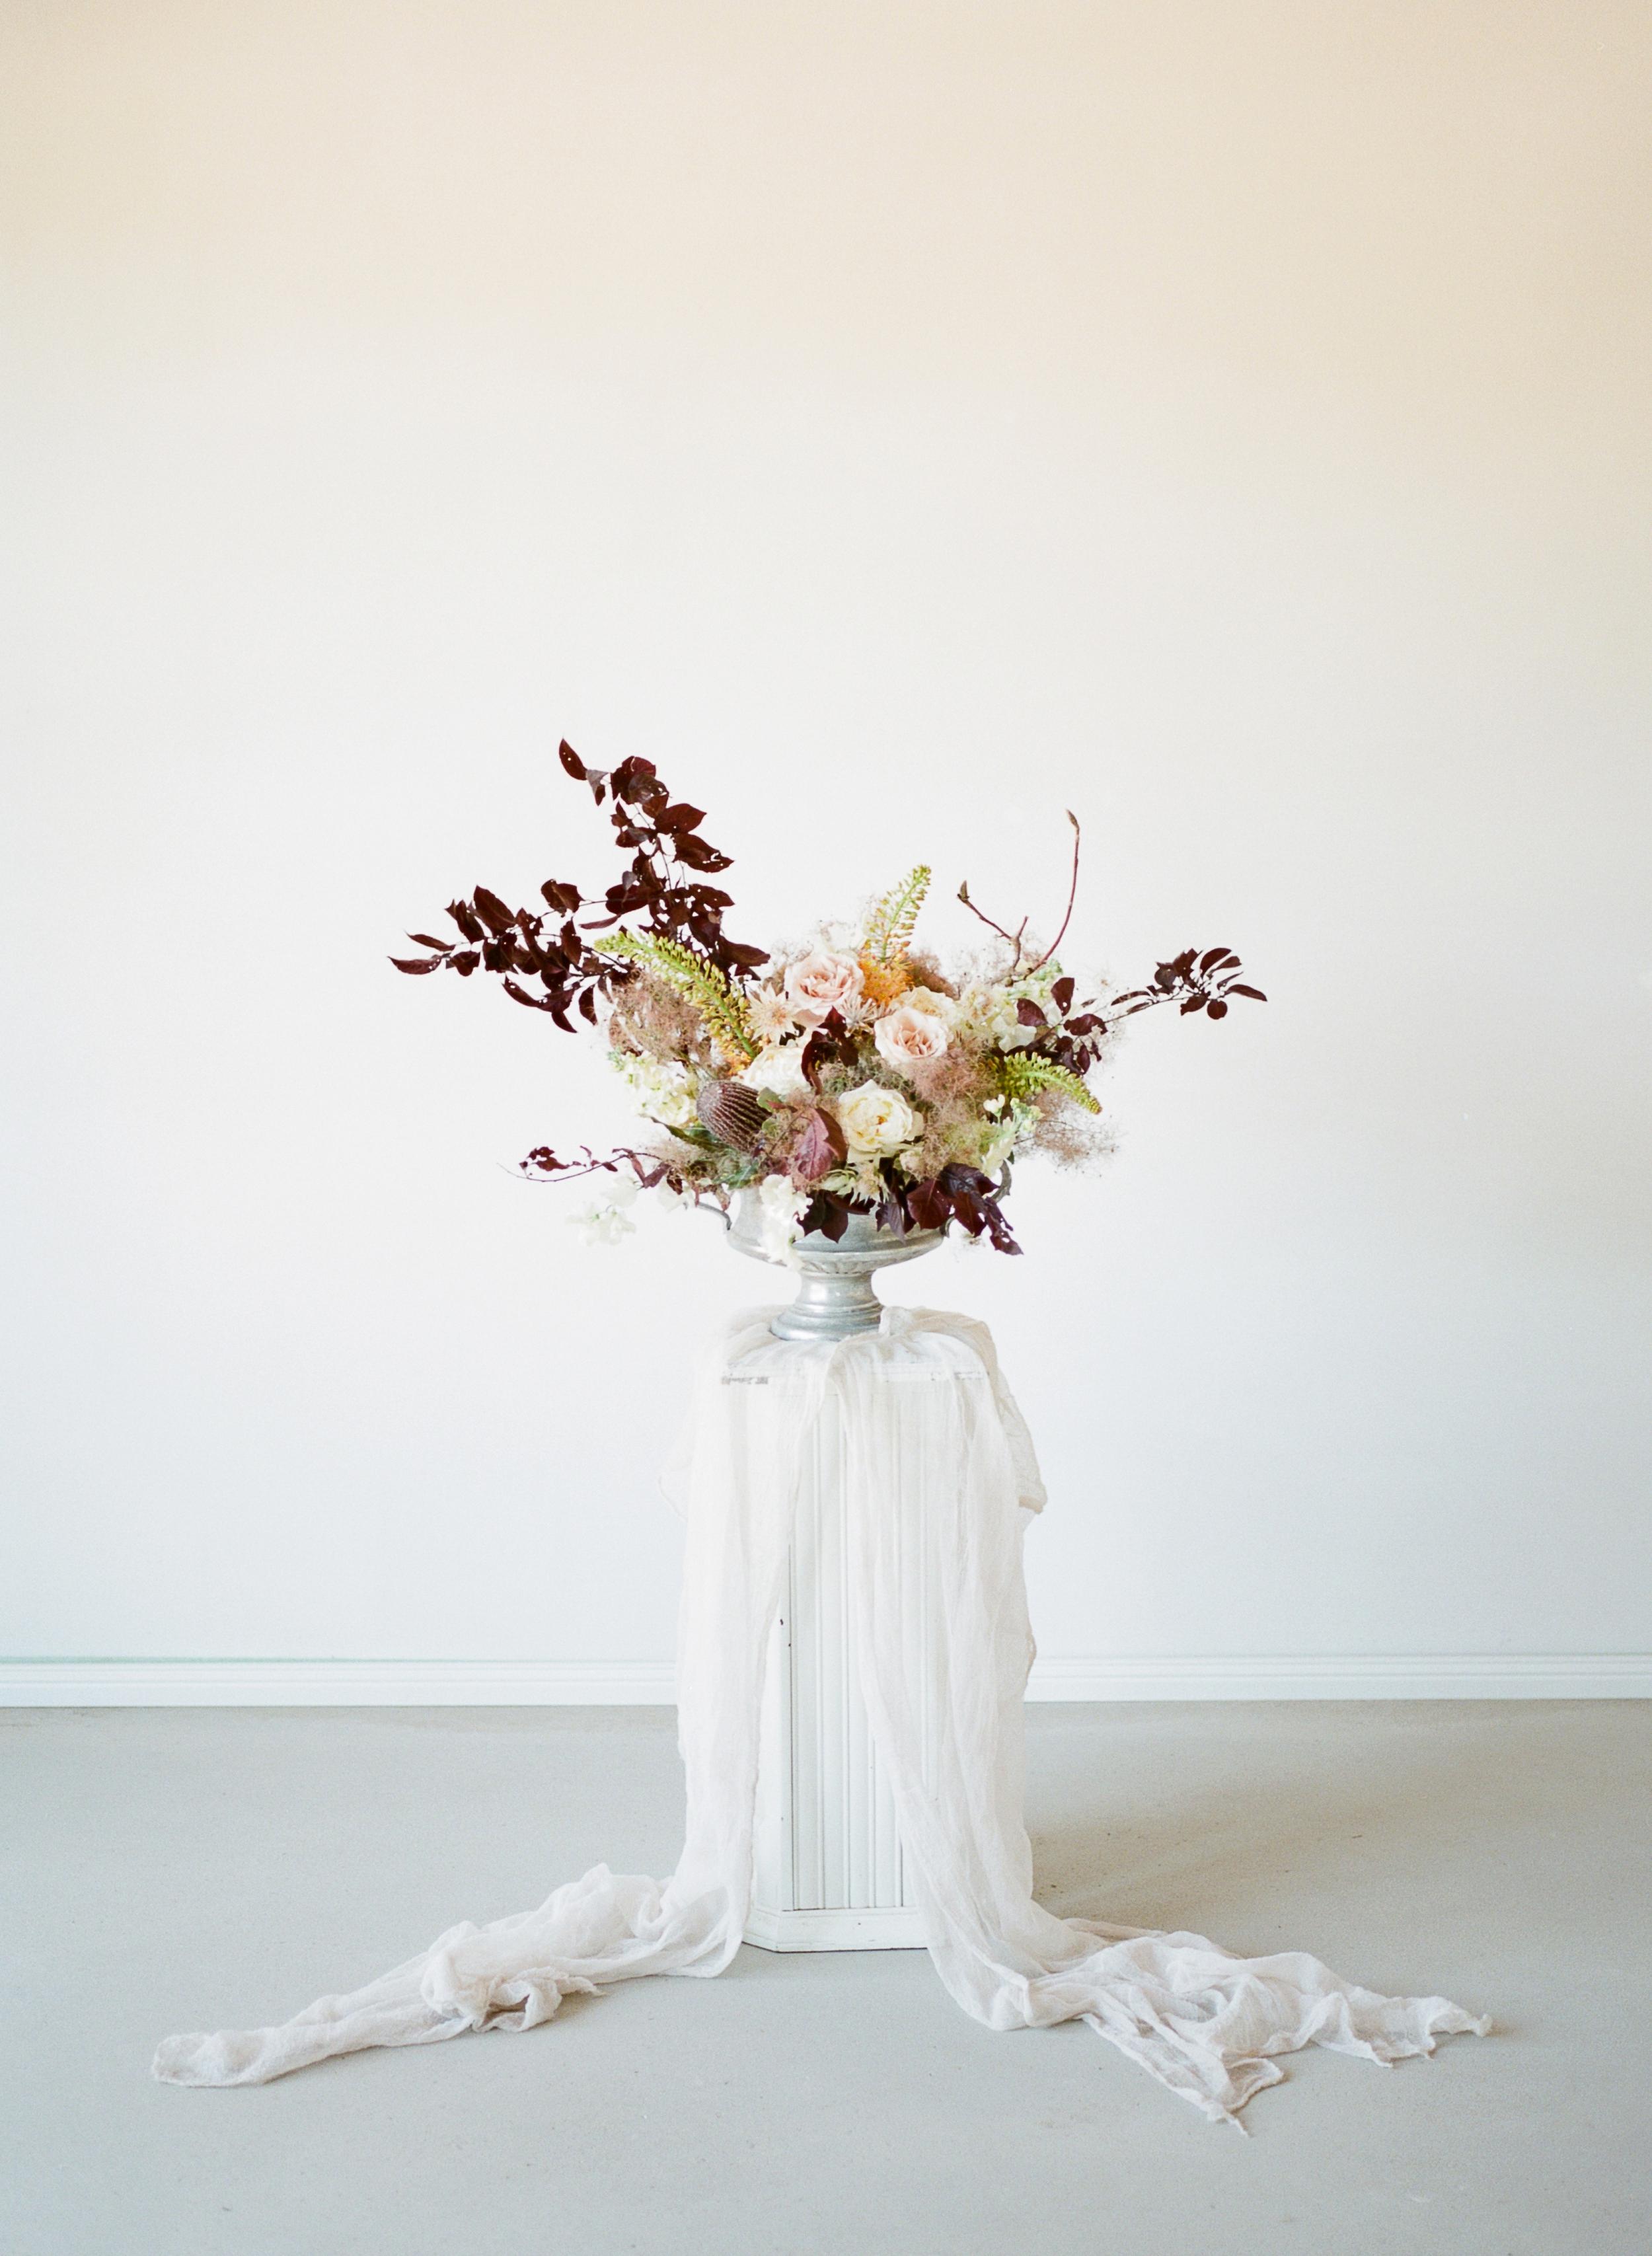 Studio Afterwedding shoot in Hennef with  Suesse poesie - Tanja Kibogo (25).JPG